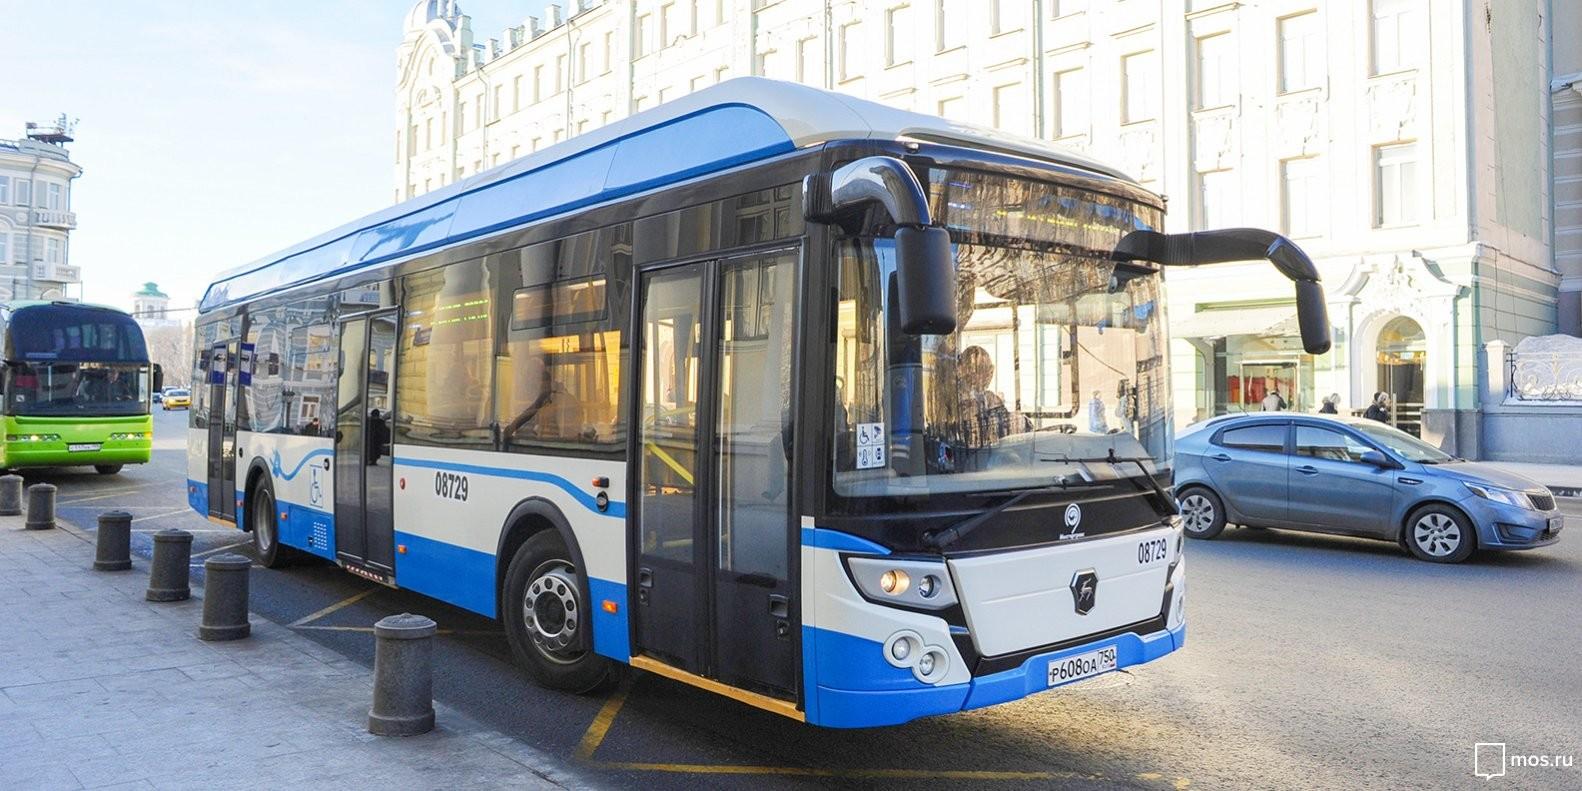 Электробусы появятся наназемных маршрутах столицы к 2025